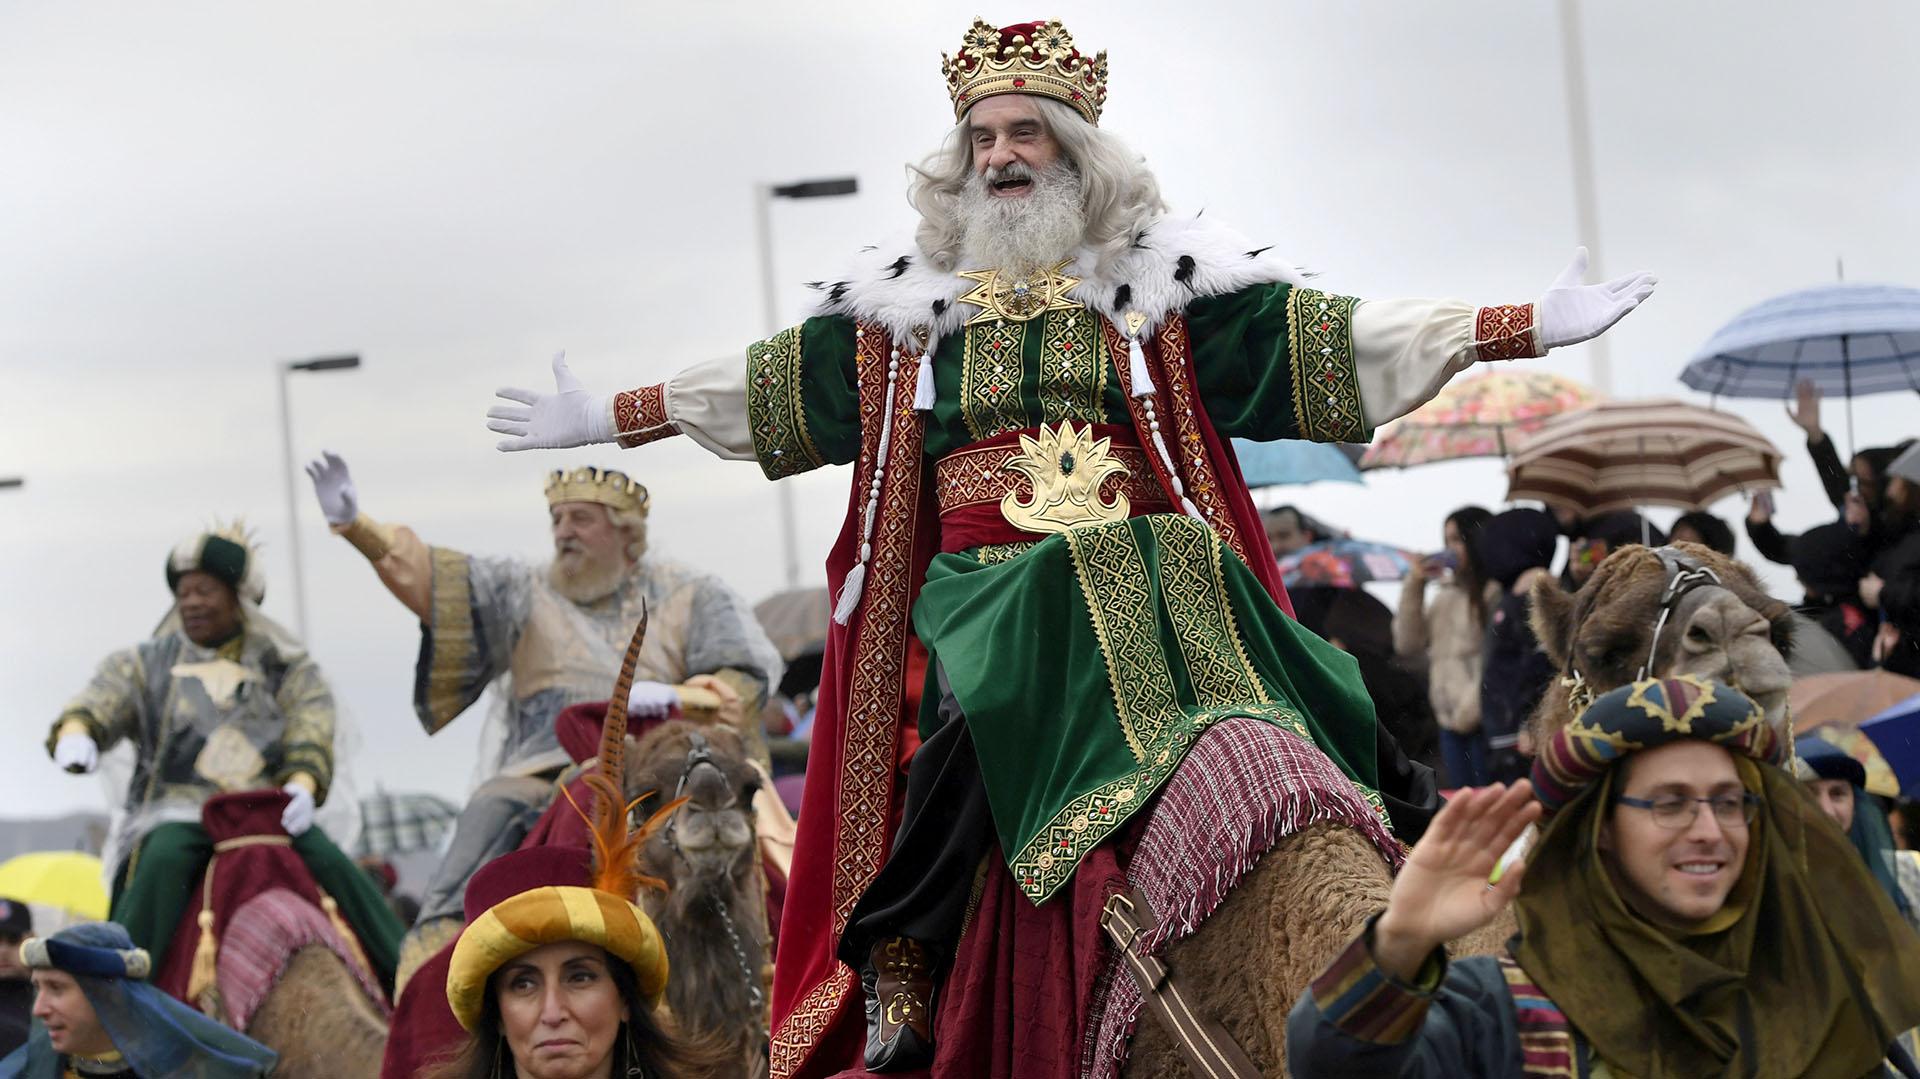 Un hombre vestido como uno de los Reyes Magos saluda a la gente durante el desfile de la Epifanía en Gijón, España (Reuters)